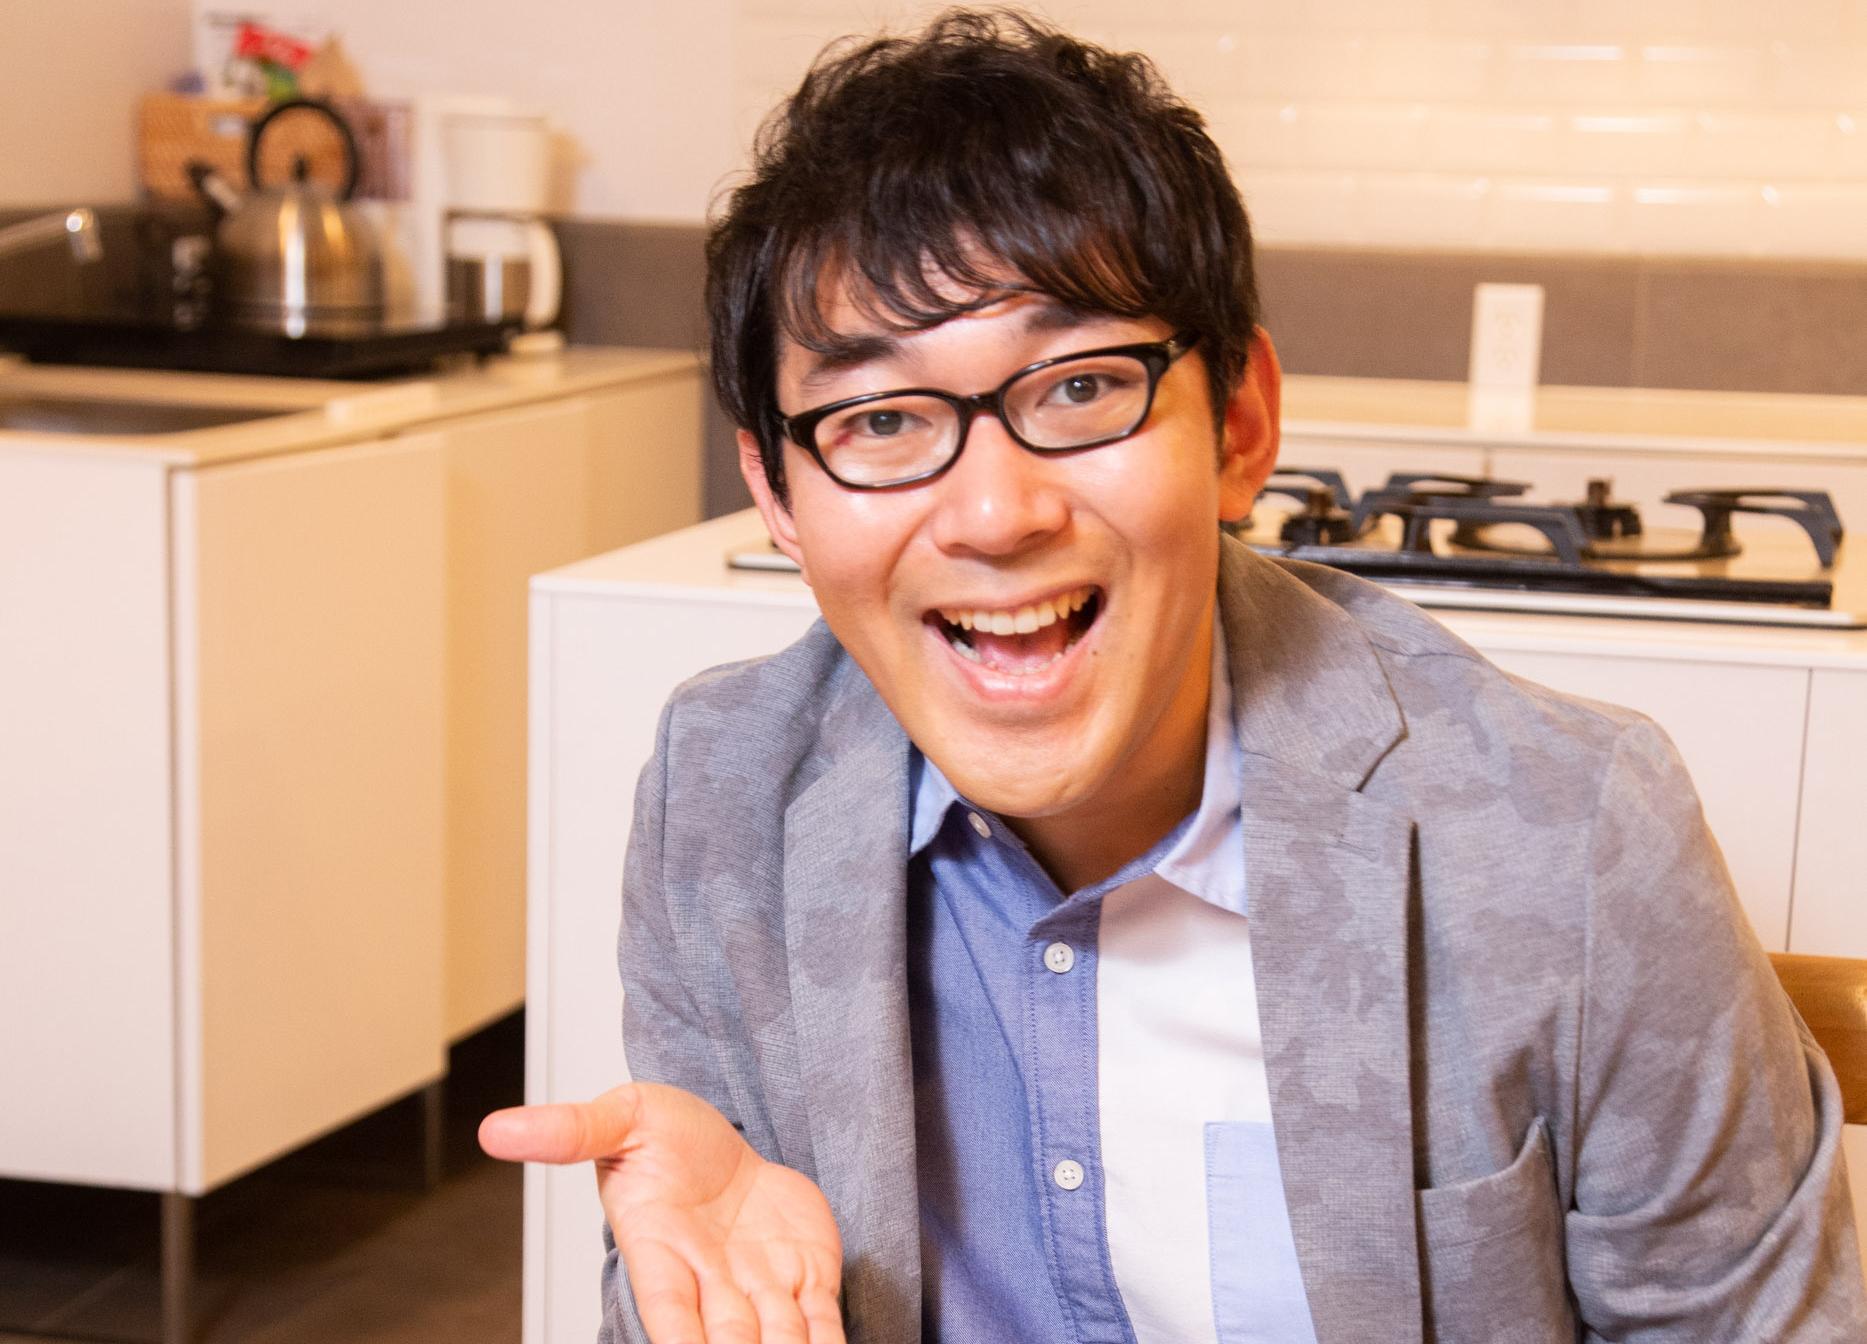 小野友樹がアイシングクッキー作りに挑戦【前編】